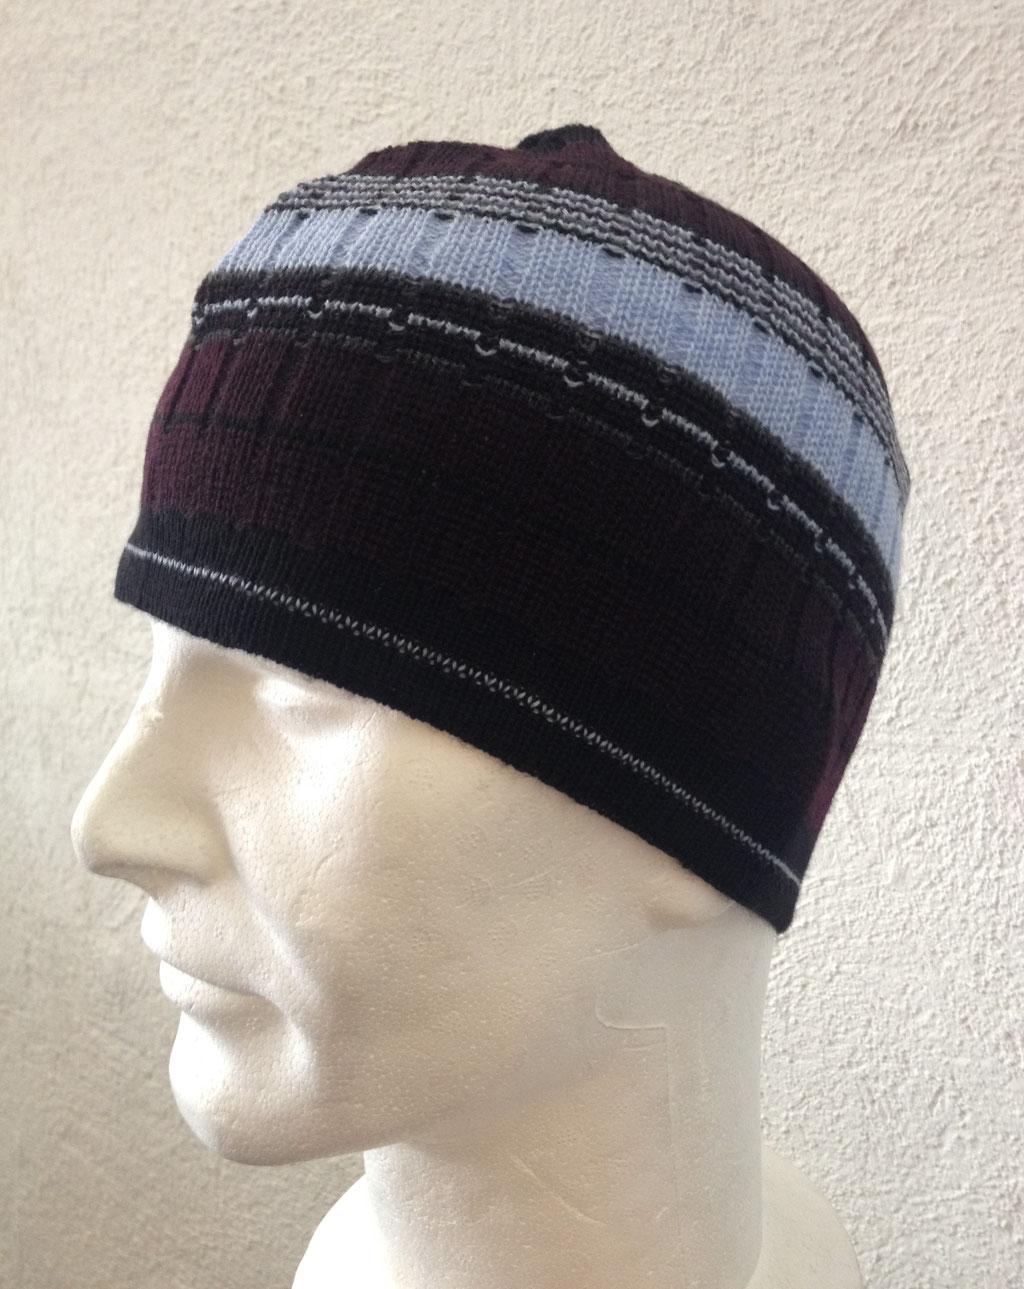 Wollmütze aus 100% Merino, erhältlich bei: www.markant.ch